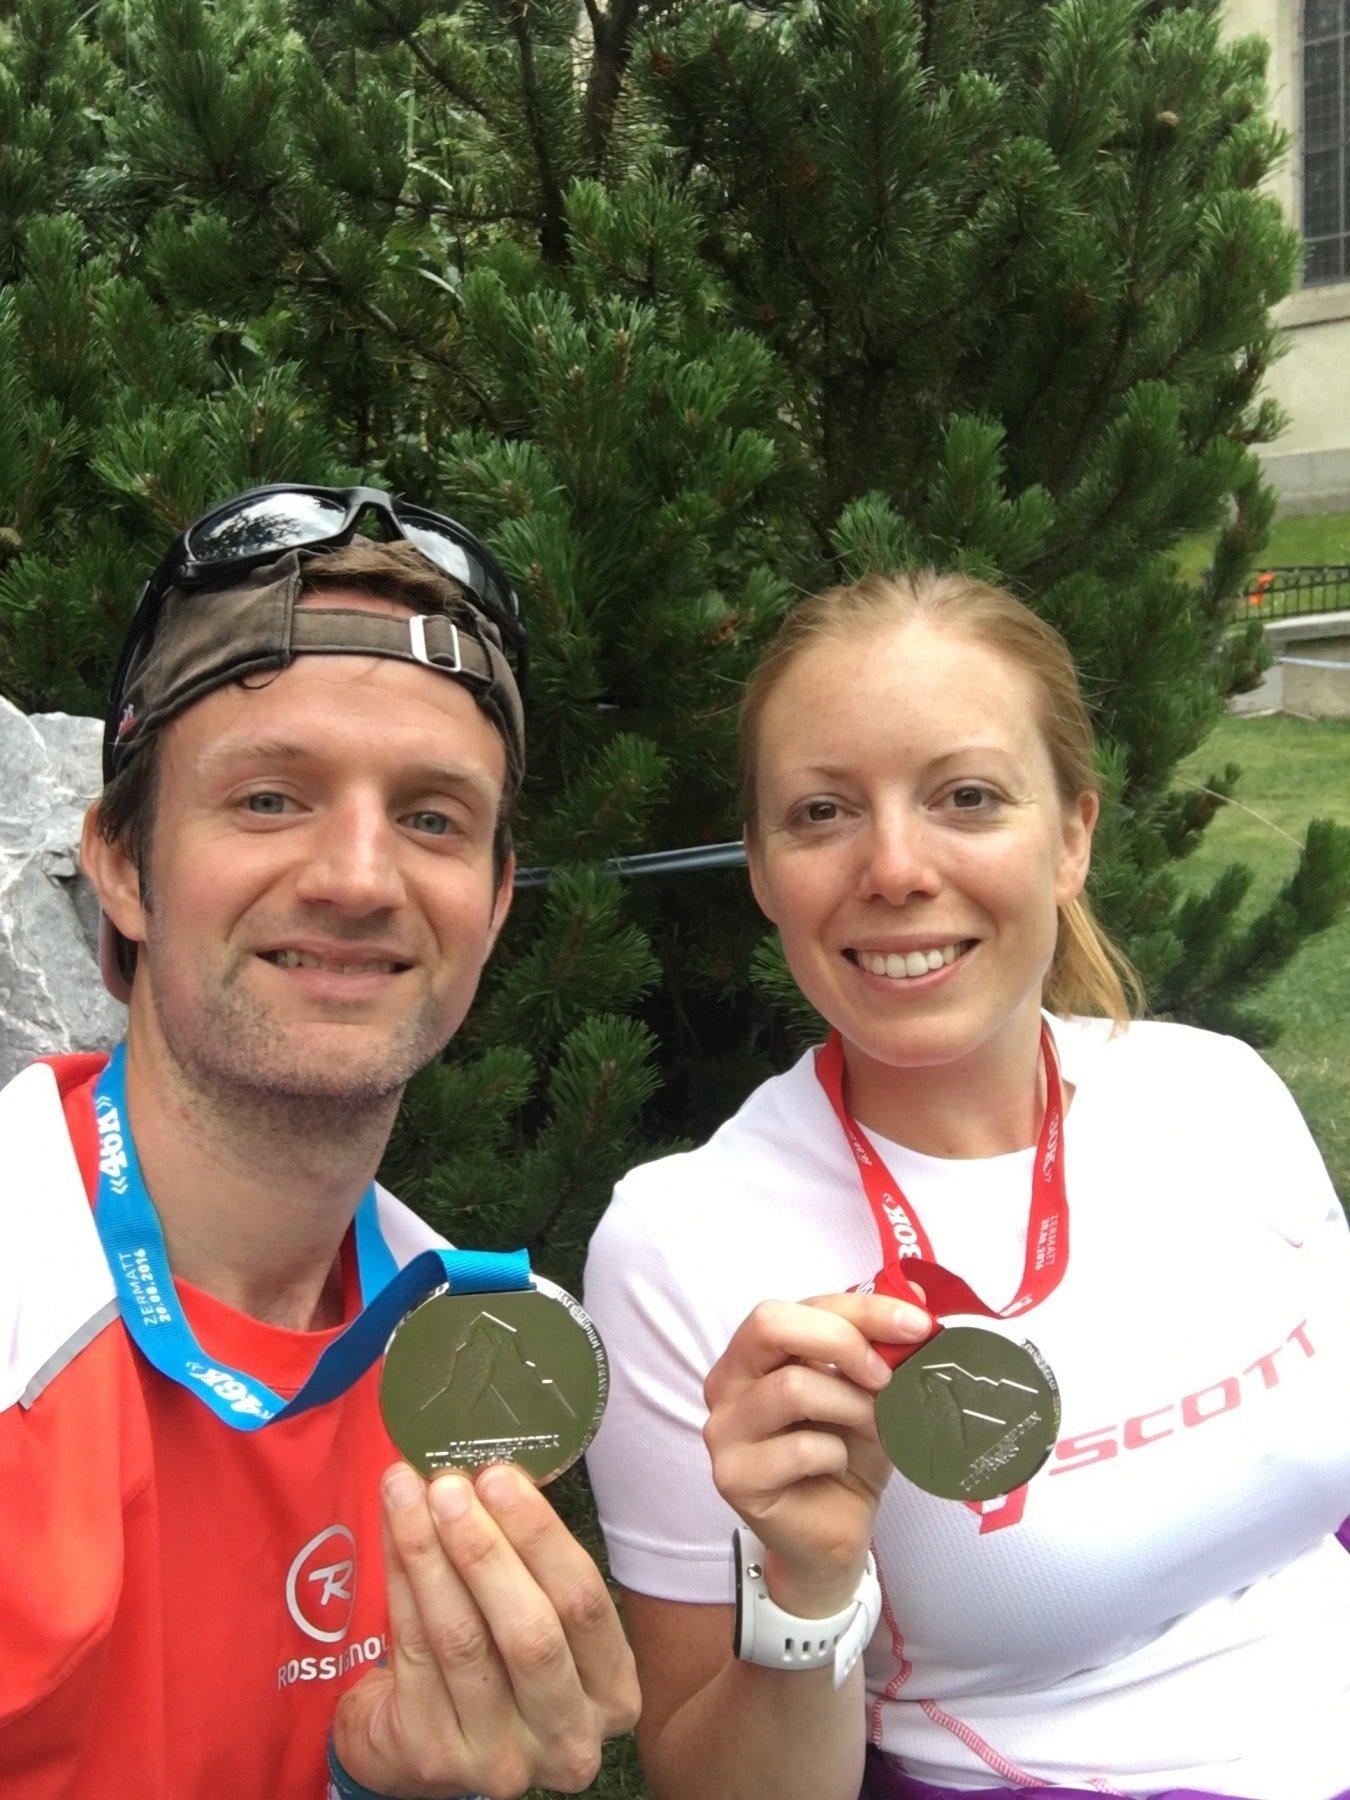 Matterhorn Ultraks finish medals